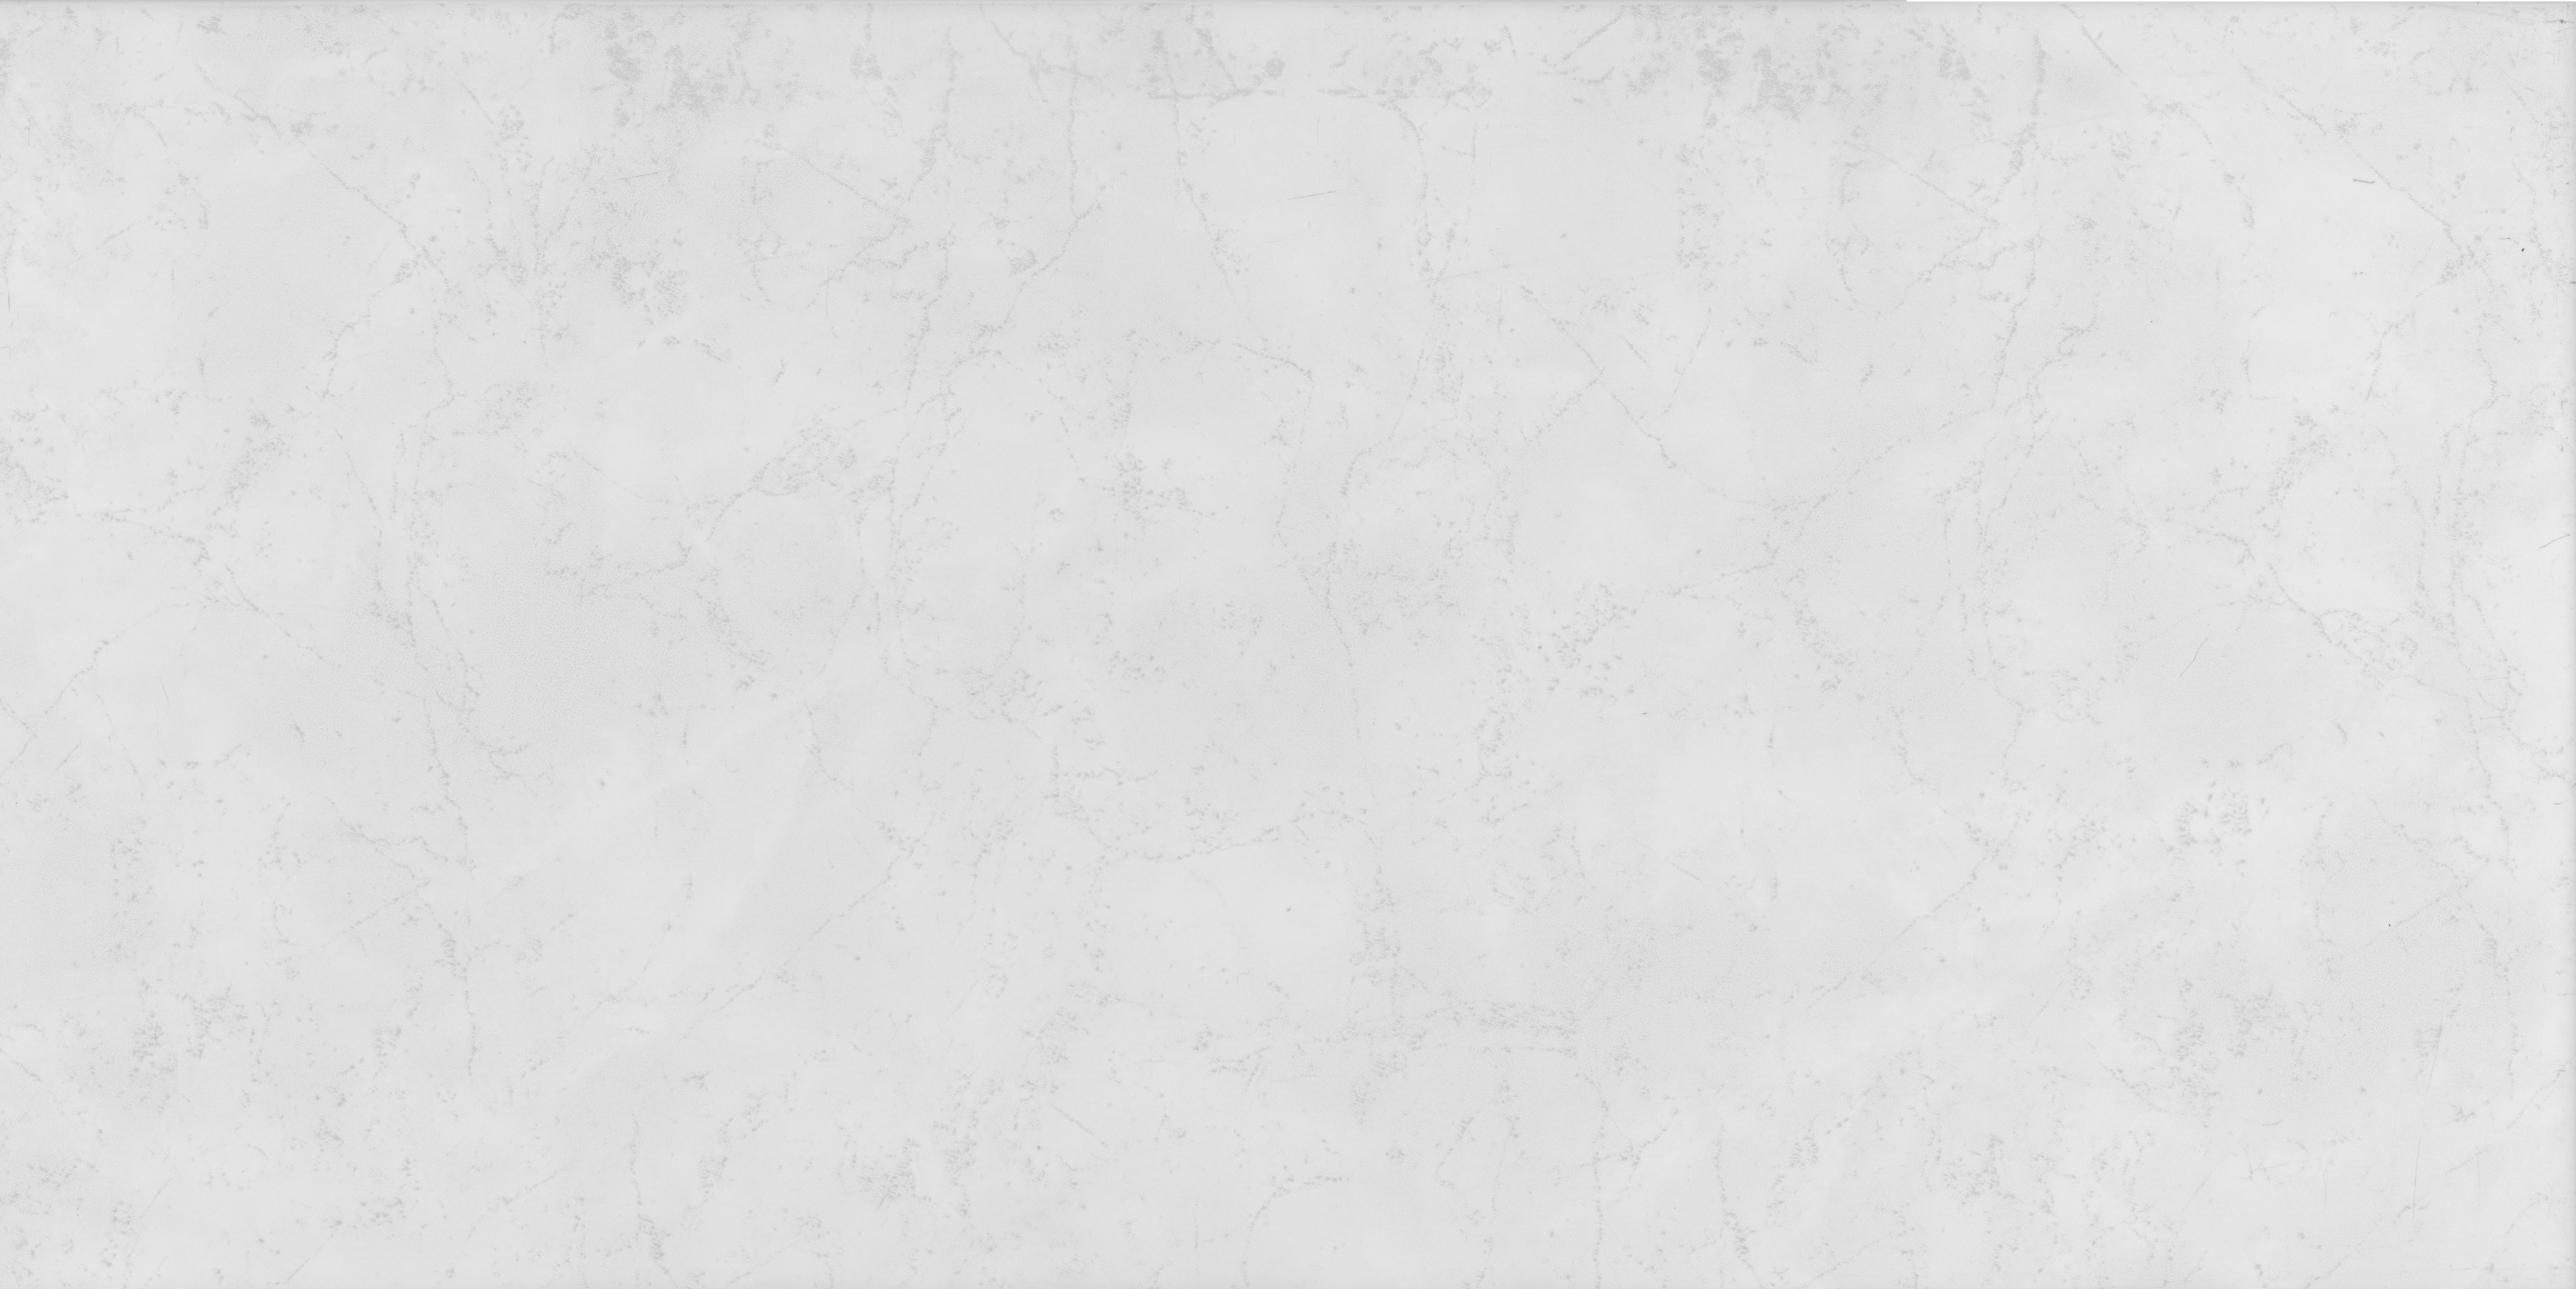 Fliesen: Kemmler. - Wandfliese Martello in der Farbe weiß und im ...